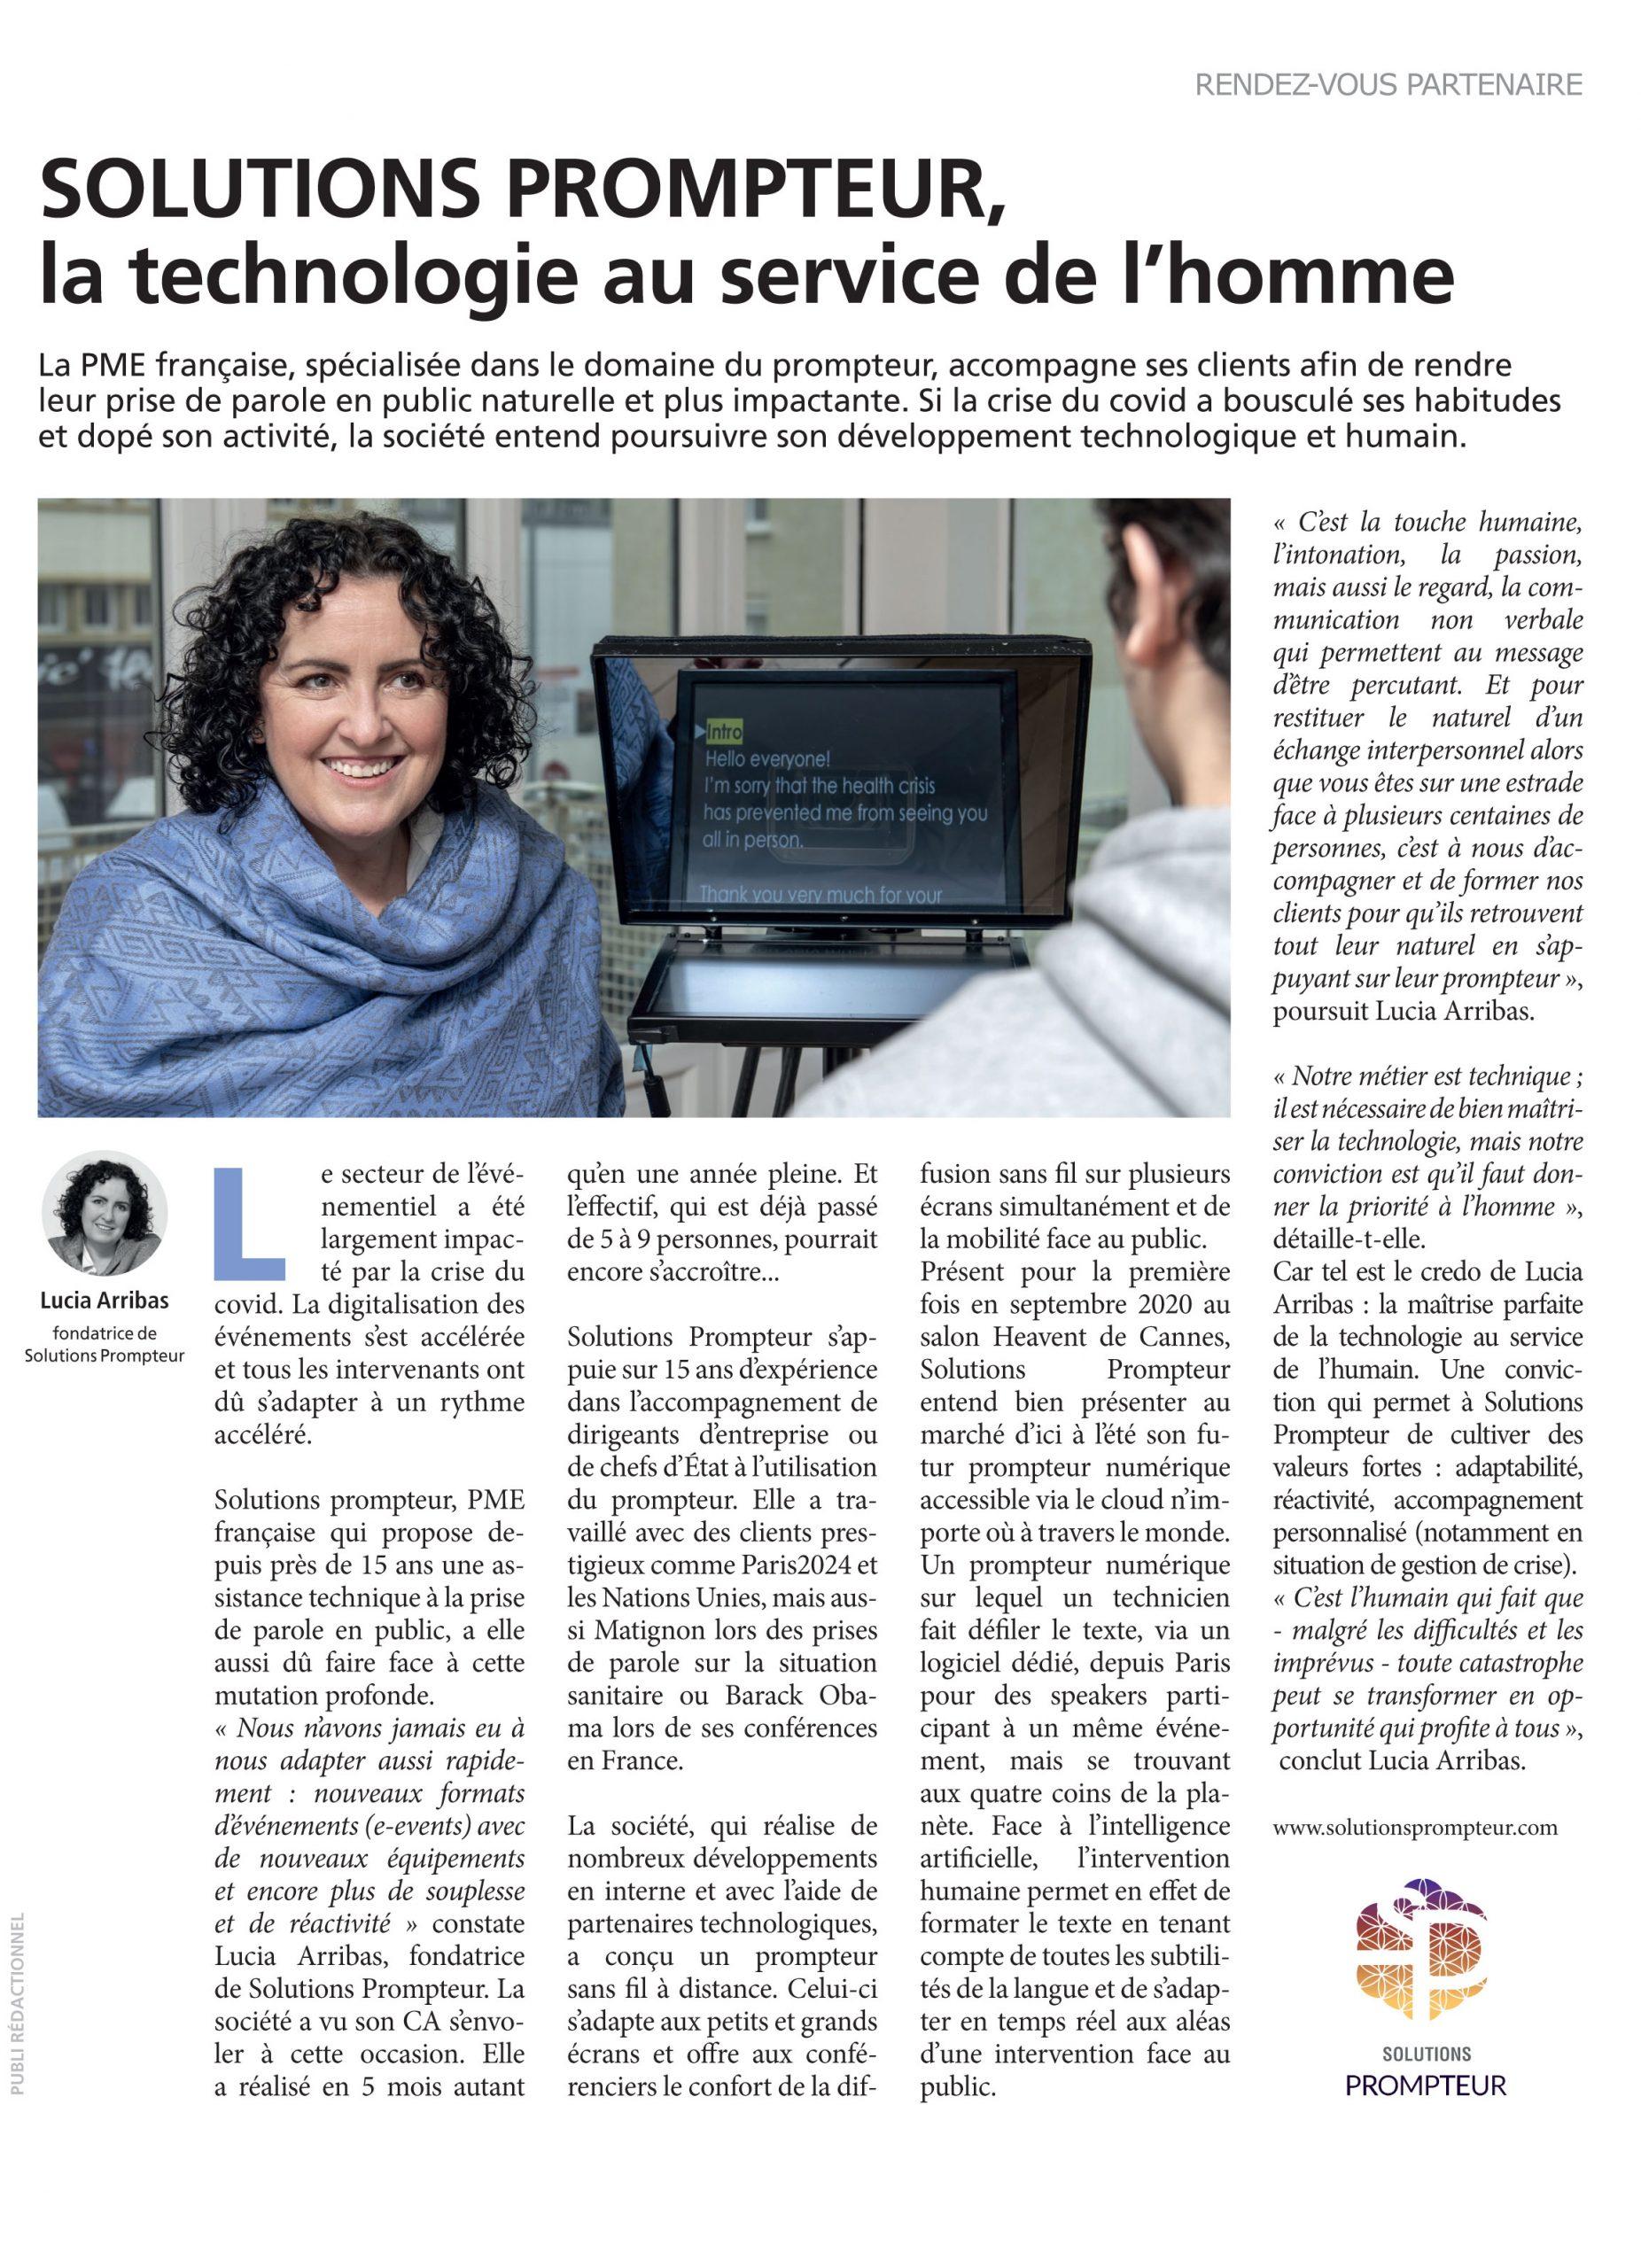 Solutions Prompteur dans Stratégies Magazine